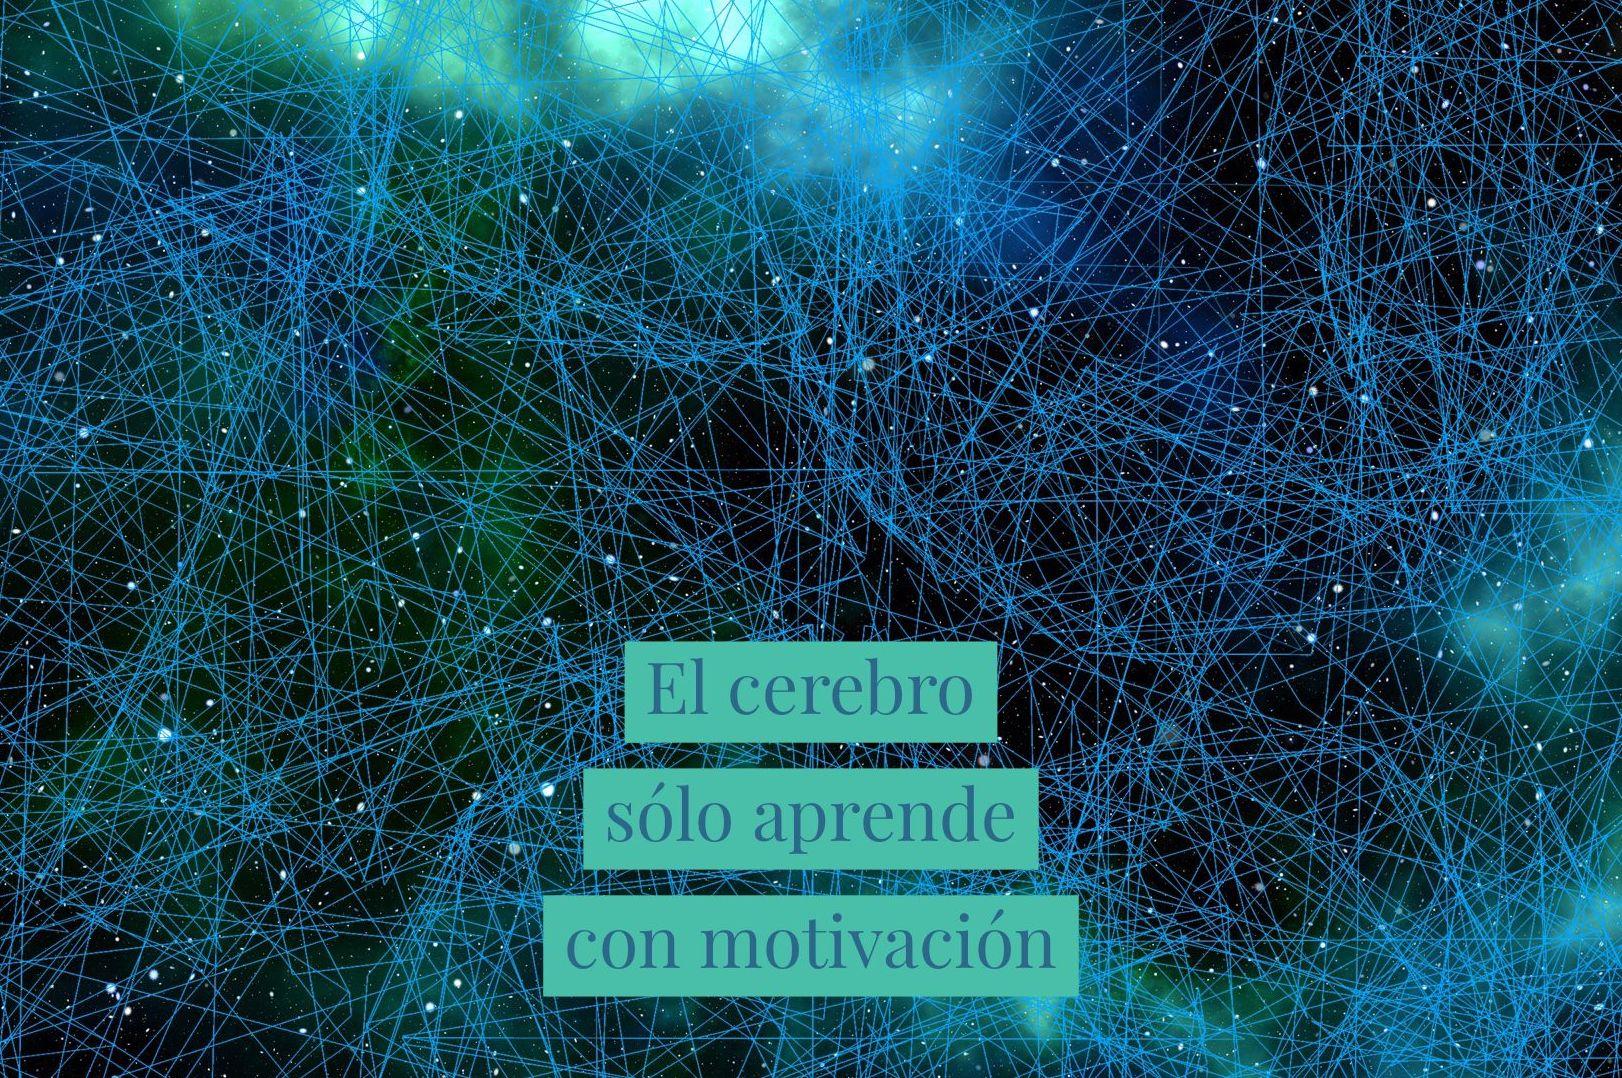 El cerebro sólo aprende con motivación